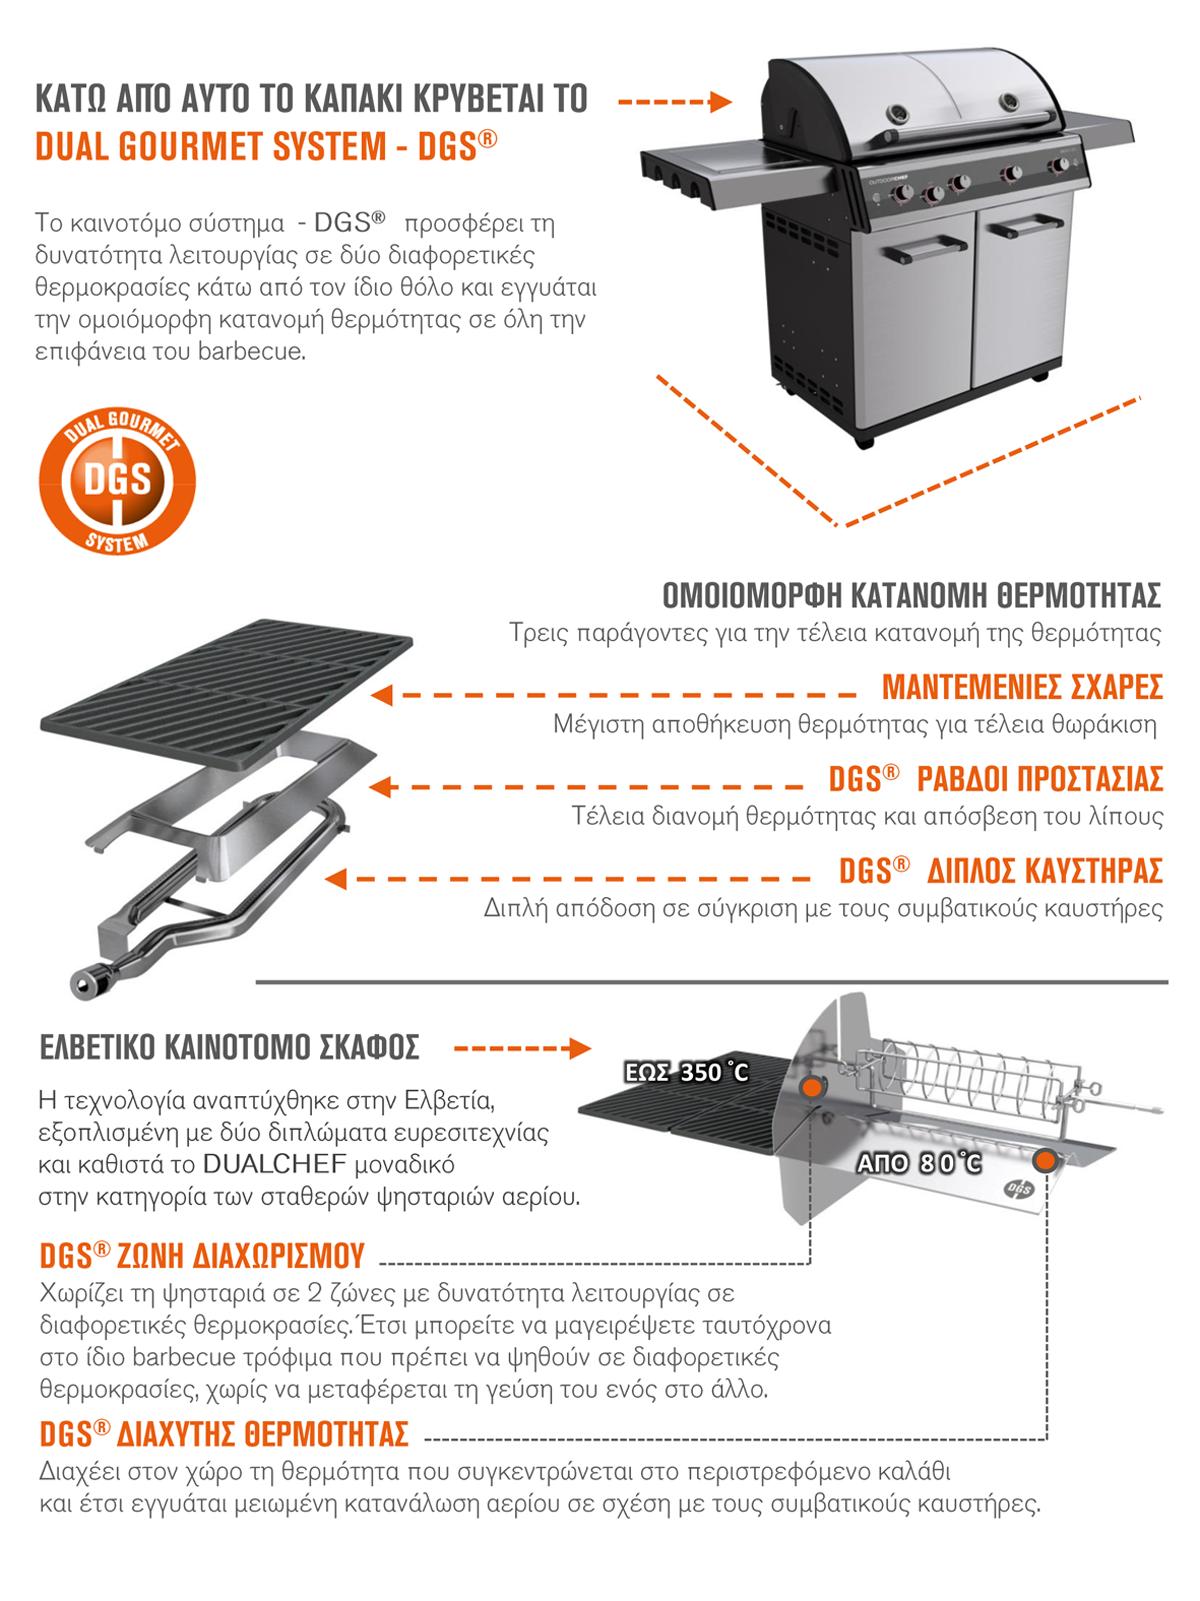 Η καινοτόμος τεχνολογία DGS® αναπτύχθηκε στην Ελβετία και συνδυάζει δύο ζώνες θερμοκρασίας κάτω από το ίδιο καπάκι του barbecue.